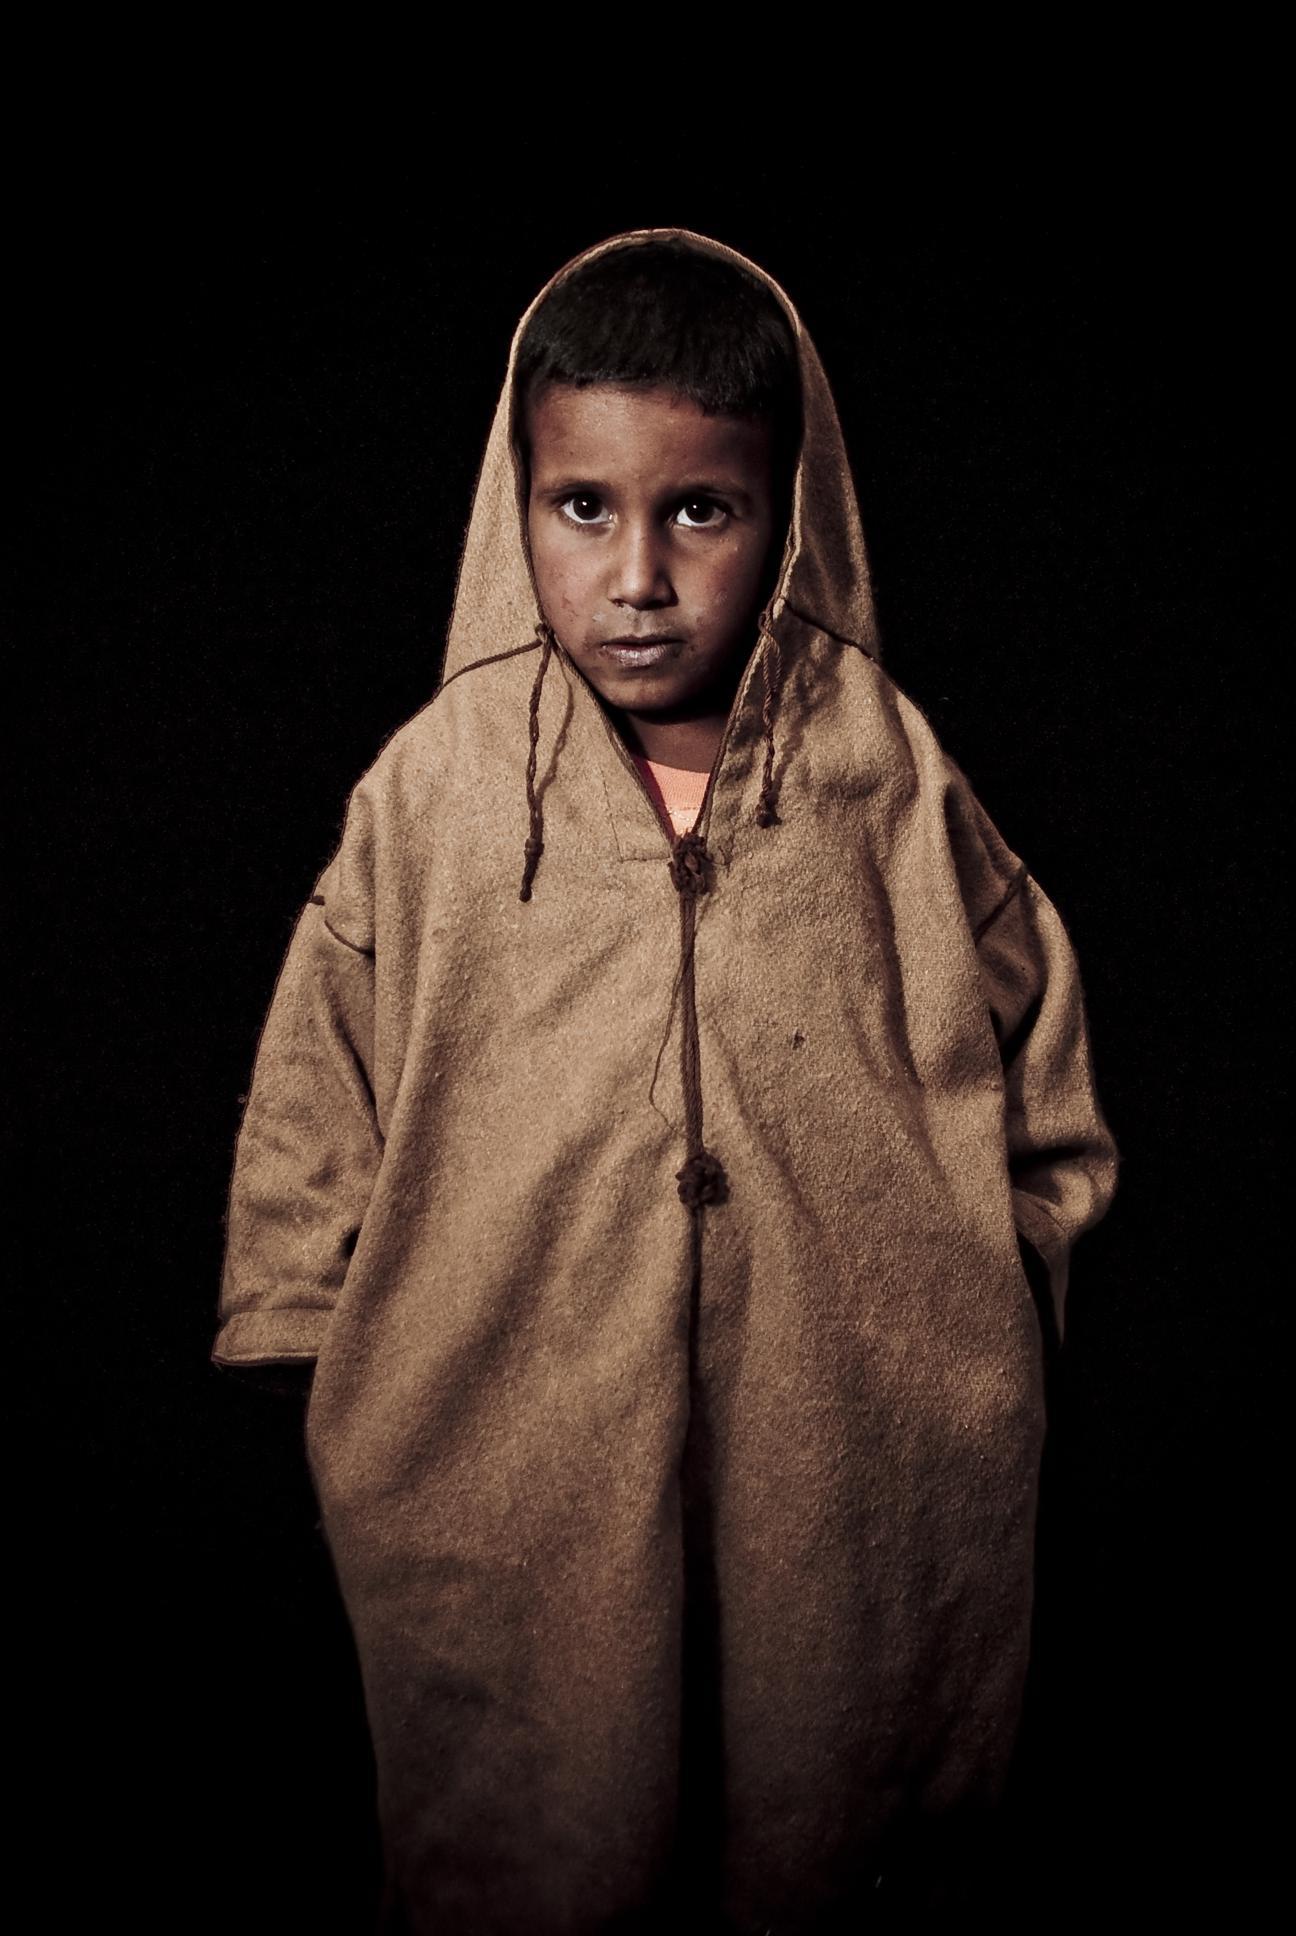 Foto tomada en los campamentos de guerra de Tinduf, en la wilaya de Smara, durante uno de nuestros viajes fotográficos. Estuvimos colaborando con una ONG llamada el Bubisher, que visita los colegios con un bibliobus, fomentando la lectura en español y enseñando a los niños el préstamo de libros (están acostumbrados a que les den cosas, pero no a devolverlas). La luz es simplemente un flash rebotado al techo del bibliobus, y el fondo, la noche del desierto. Ese mismo niño tuvo un pequeño accidente 2 días antes, durante una visita a su colegio, y tuvimos que llevarlo al hospital, donde le tuvieron que amputar la última falange del dedo meñique. En ningún momento soltó una lágrima. A los dos días ya estaba de nuevo revoloteando alegremente alrededor nuestra.